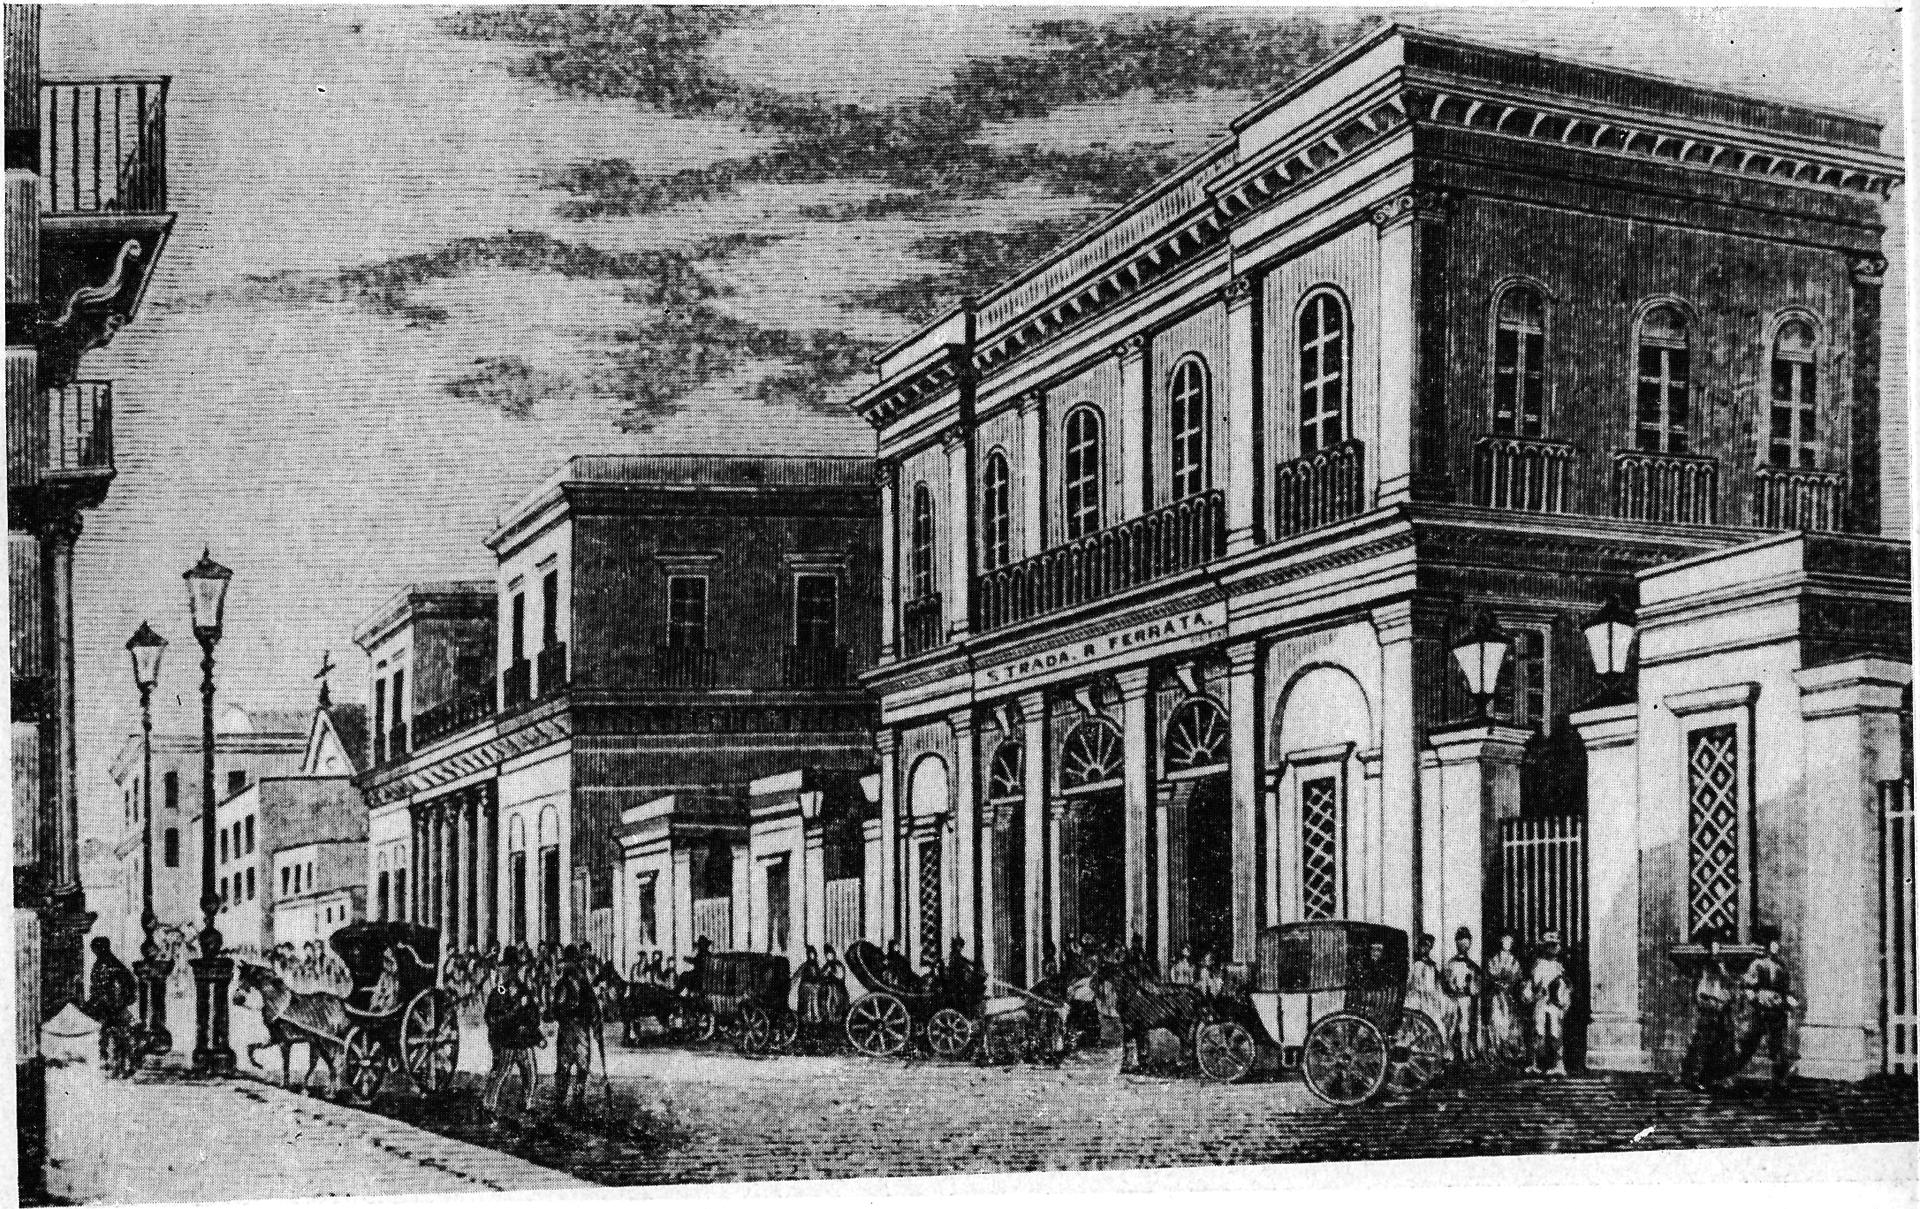 Stazione di Napoli (Bayard)